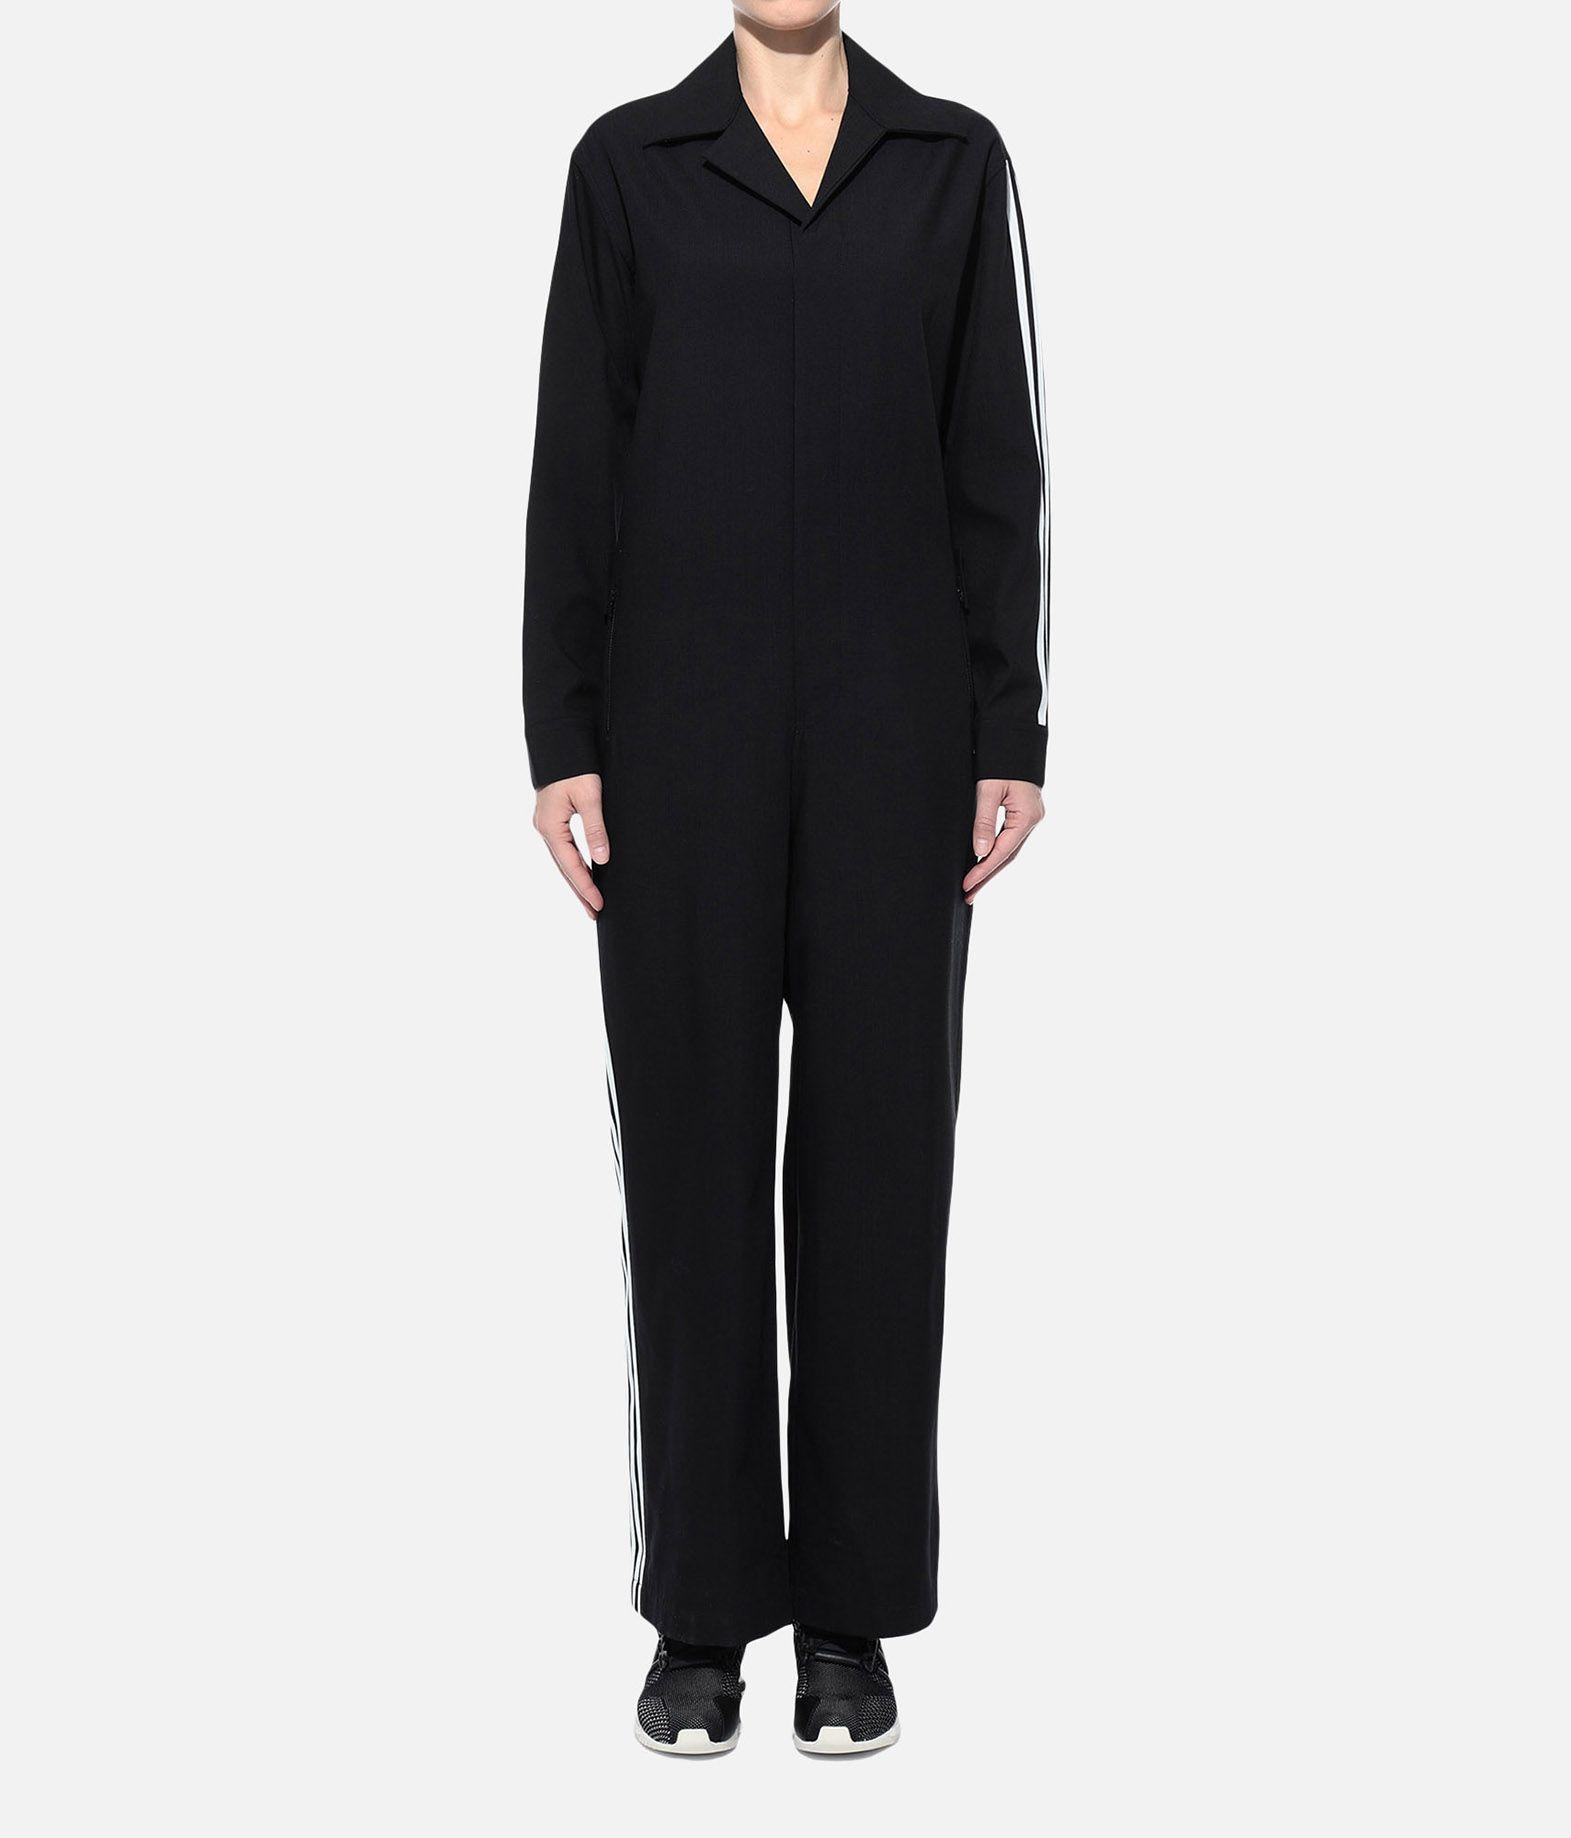 Y-3 Y-3 3-Stripes Jumpsuit  Romper suit Woman r